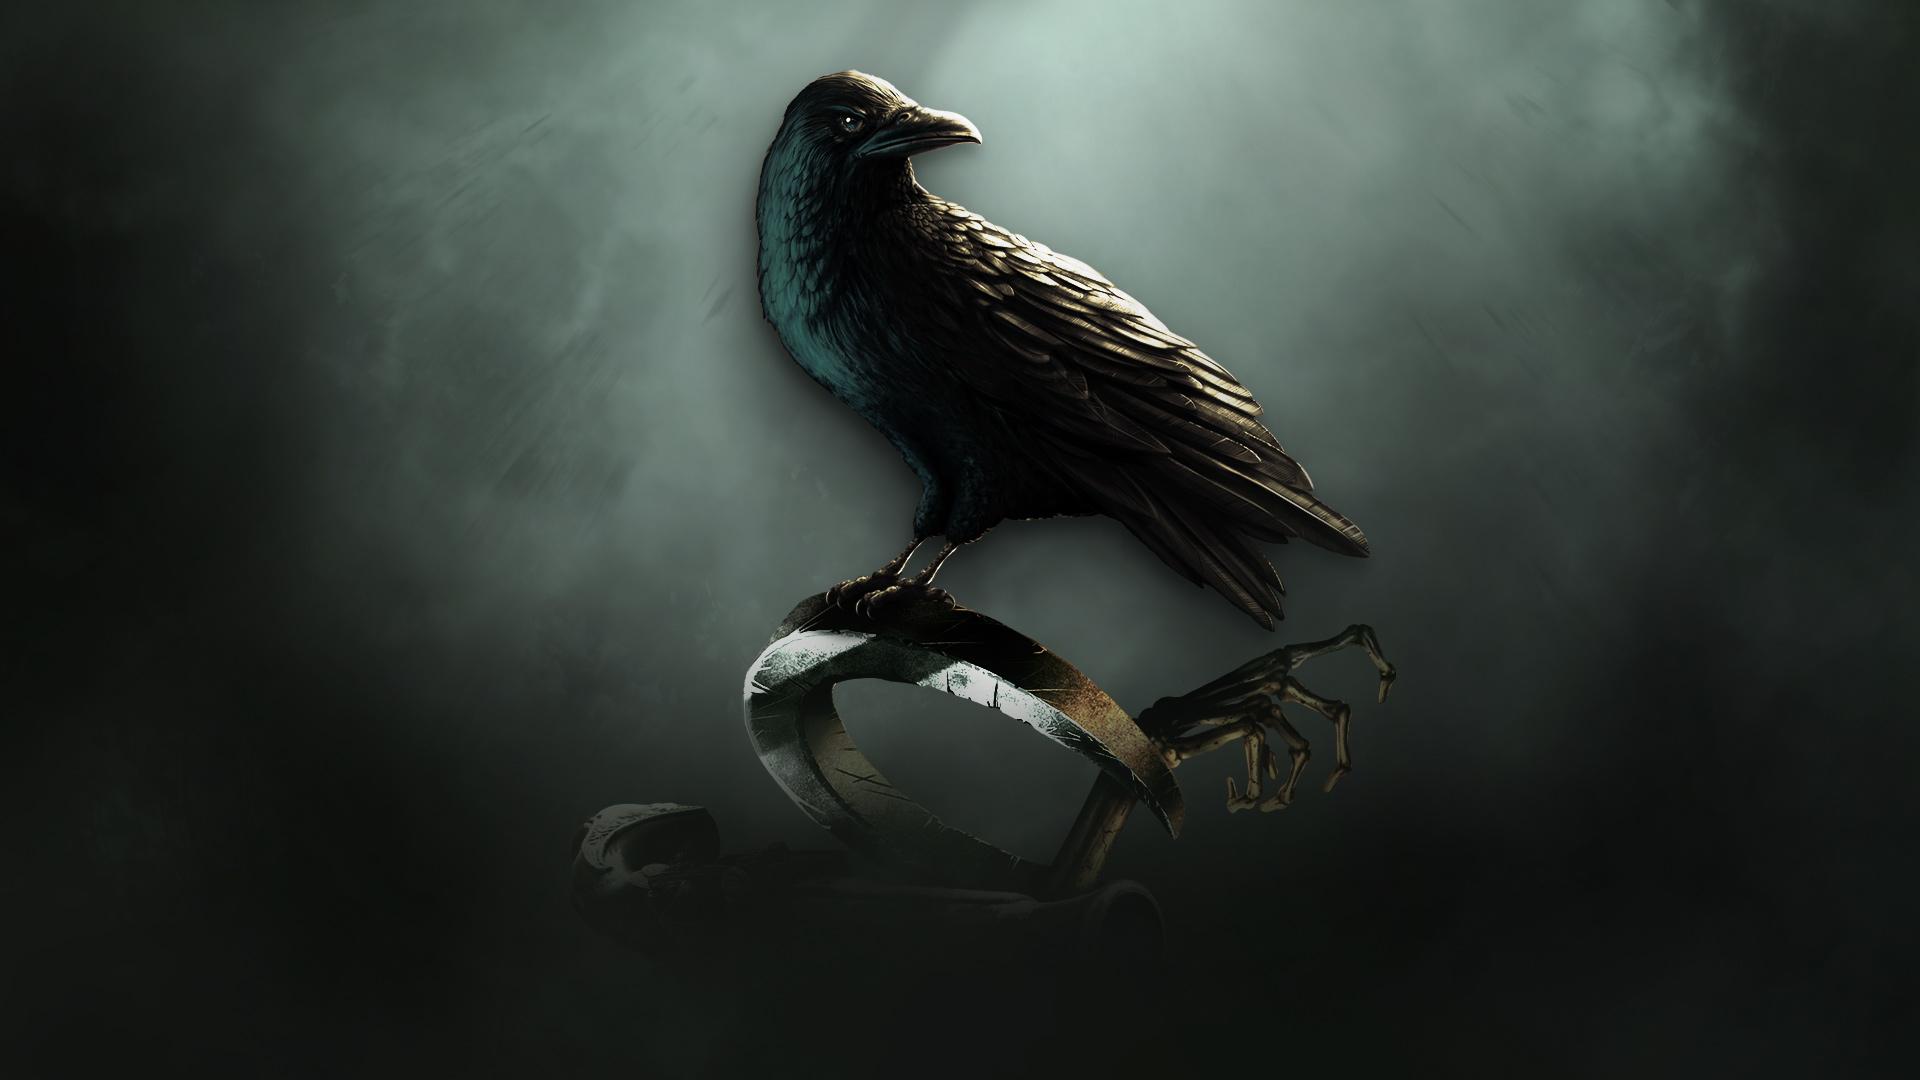 M Letter Logo Wallpaper Hd Raven's Cry - Raven Bi...